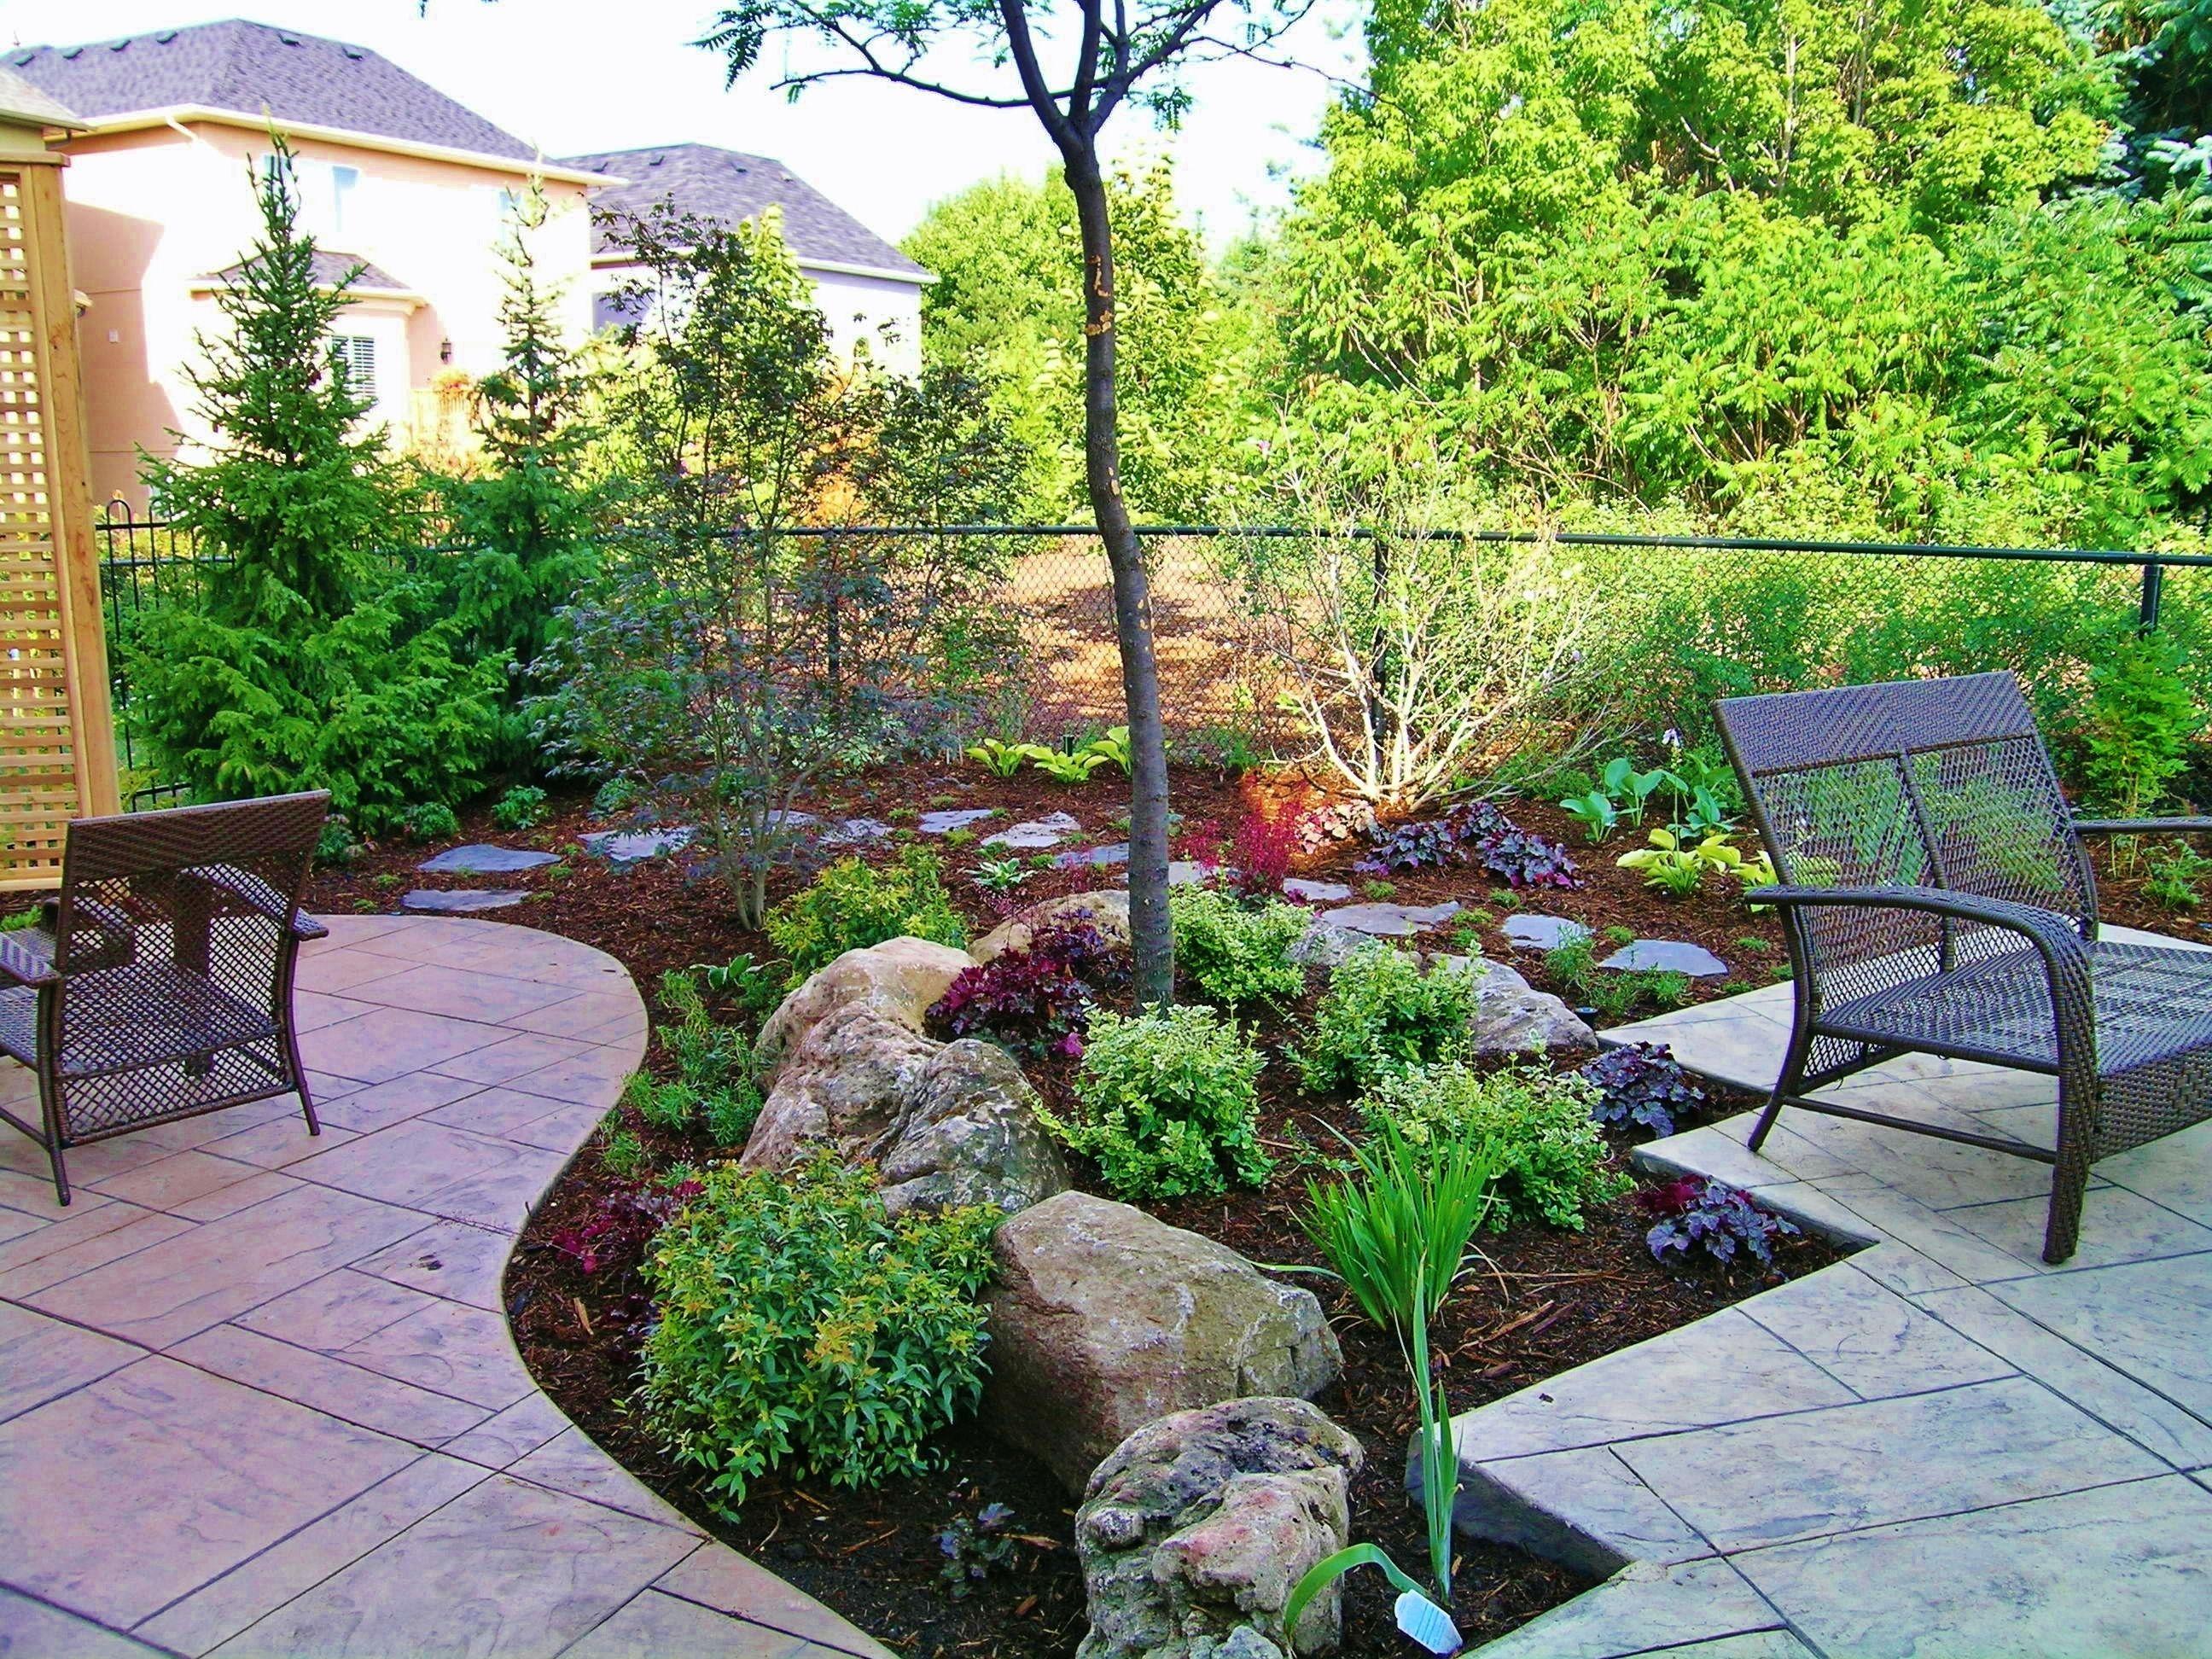 17 Best Ideas About No Grass Landscaping On Pinterest No Grass